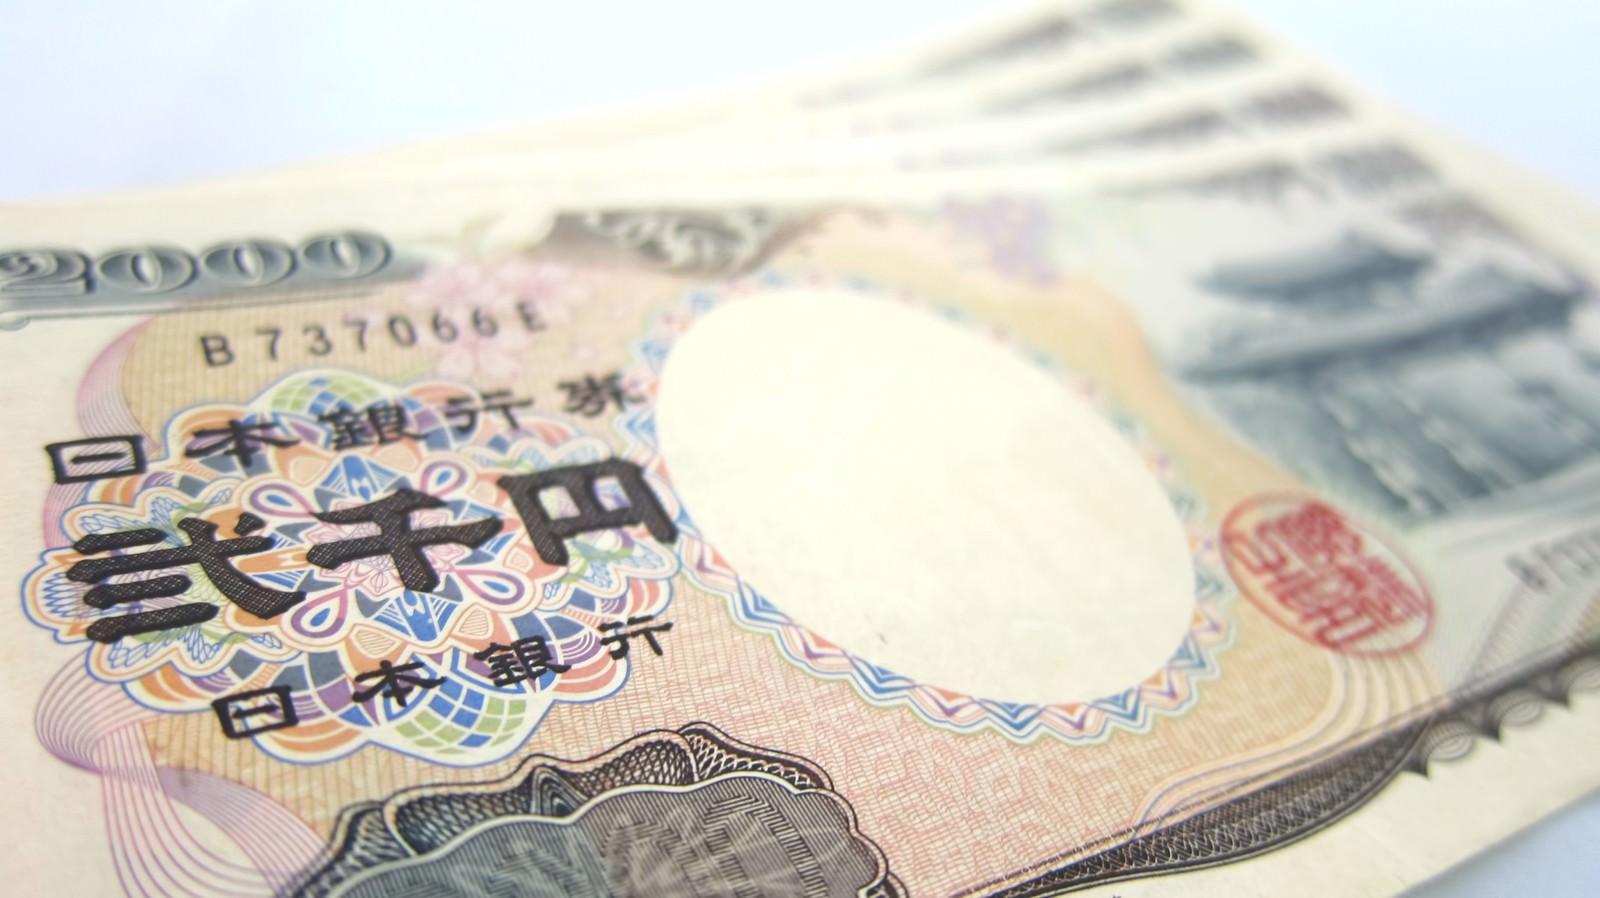 N752_2senensatu_TP_V-2000-yen-bill.jpg